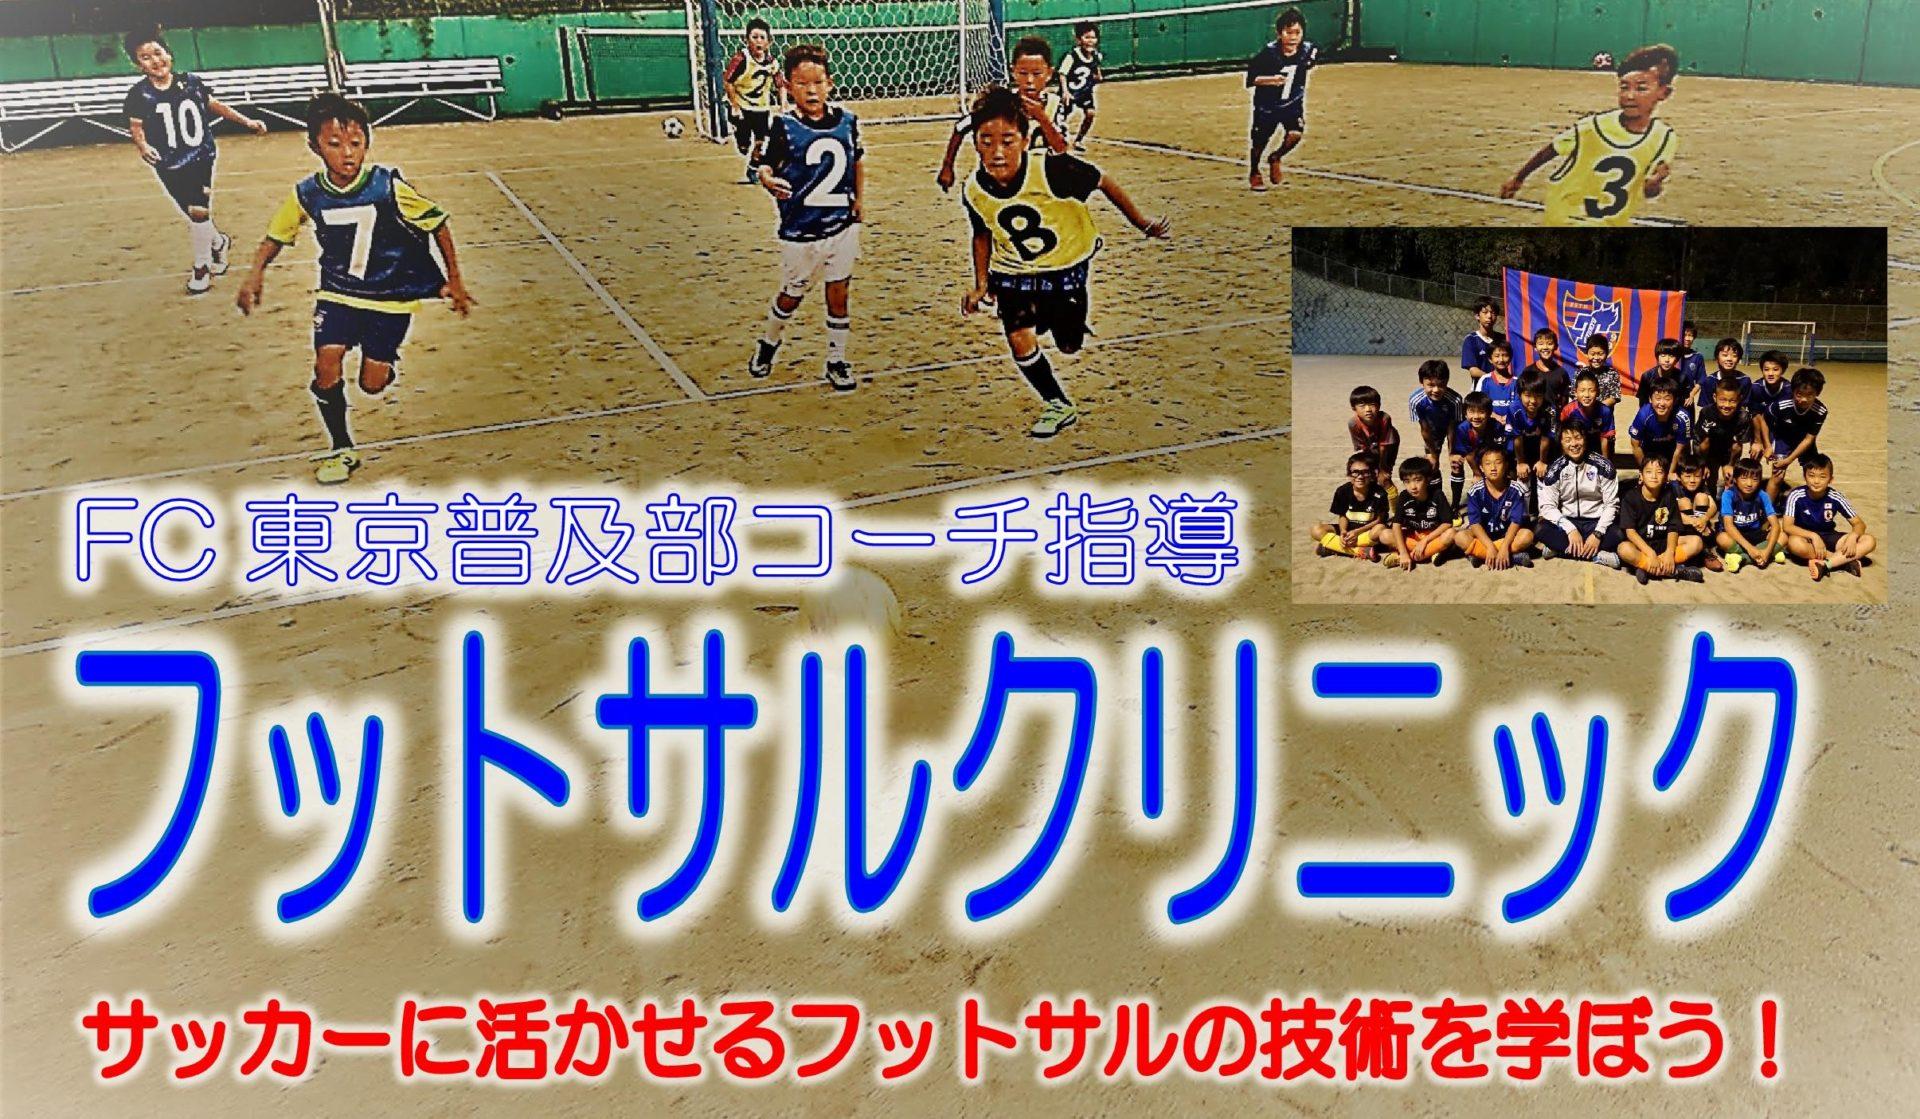 【満員御礼】FC東京フットサルクリニック【2019年あきる野市体育の日スポーツフェスティバル】